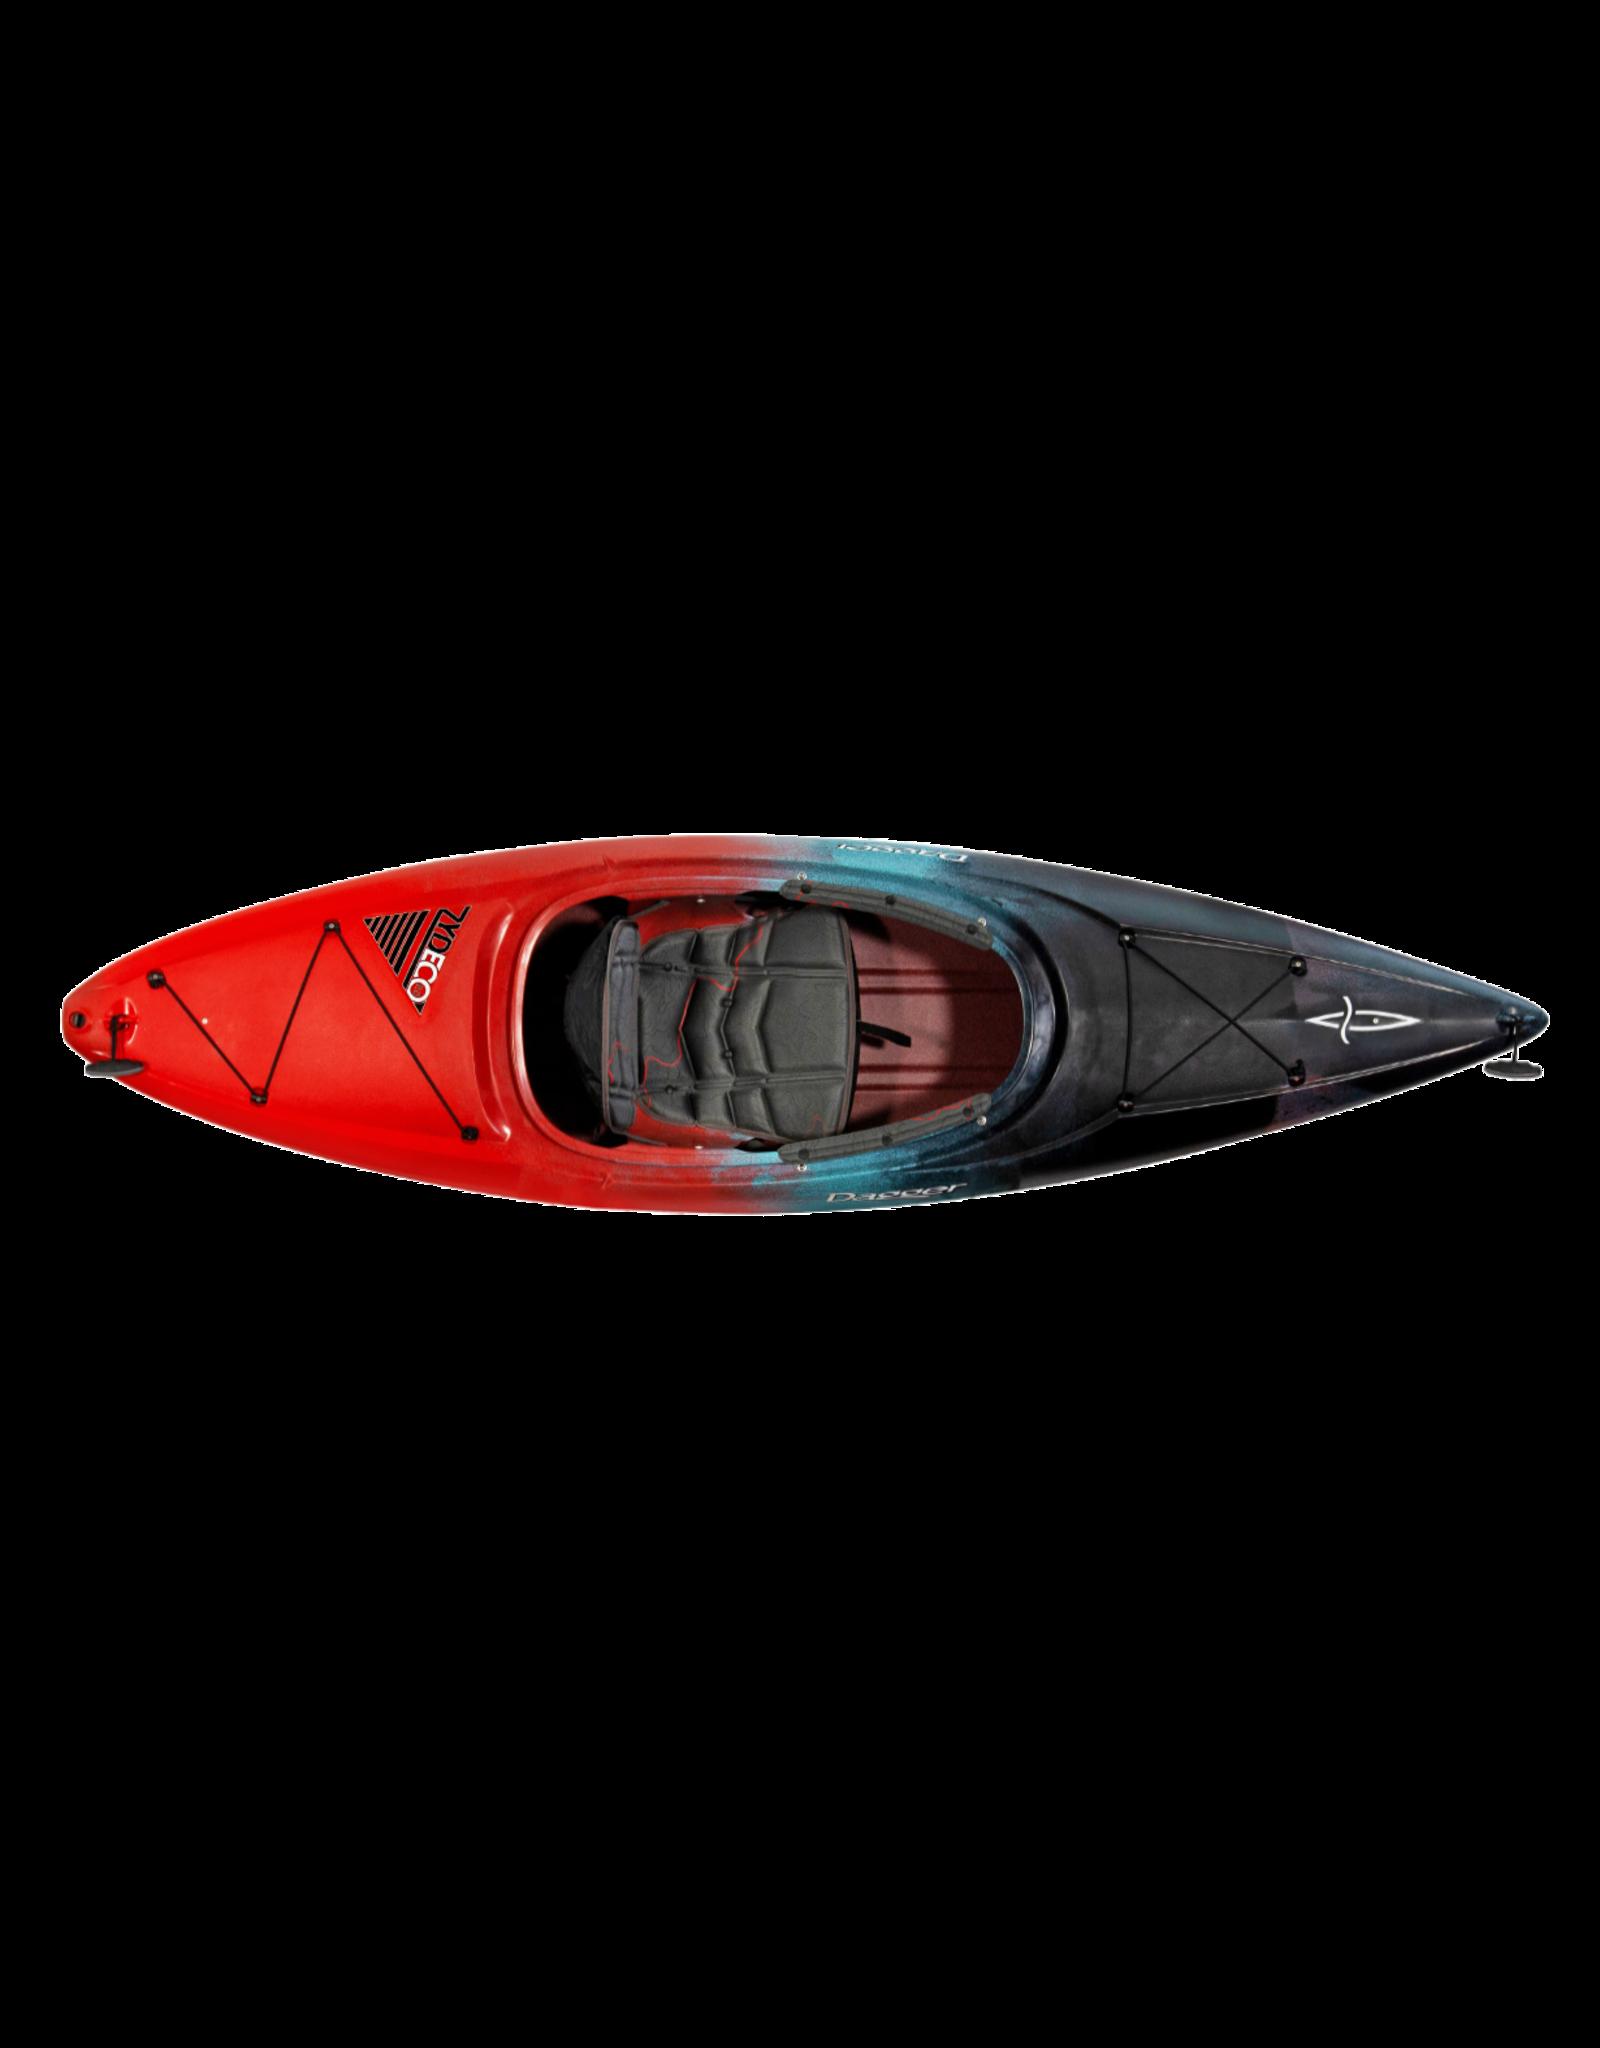 Dagger Dagger Kayak Zydeco 9.0